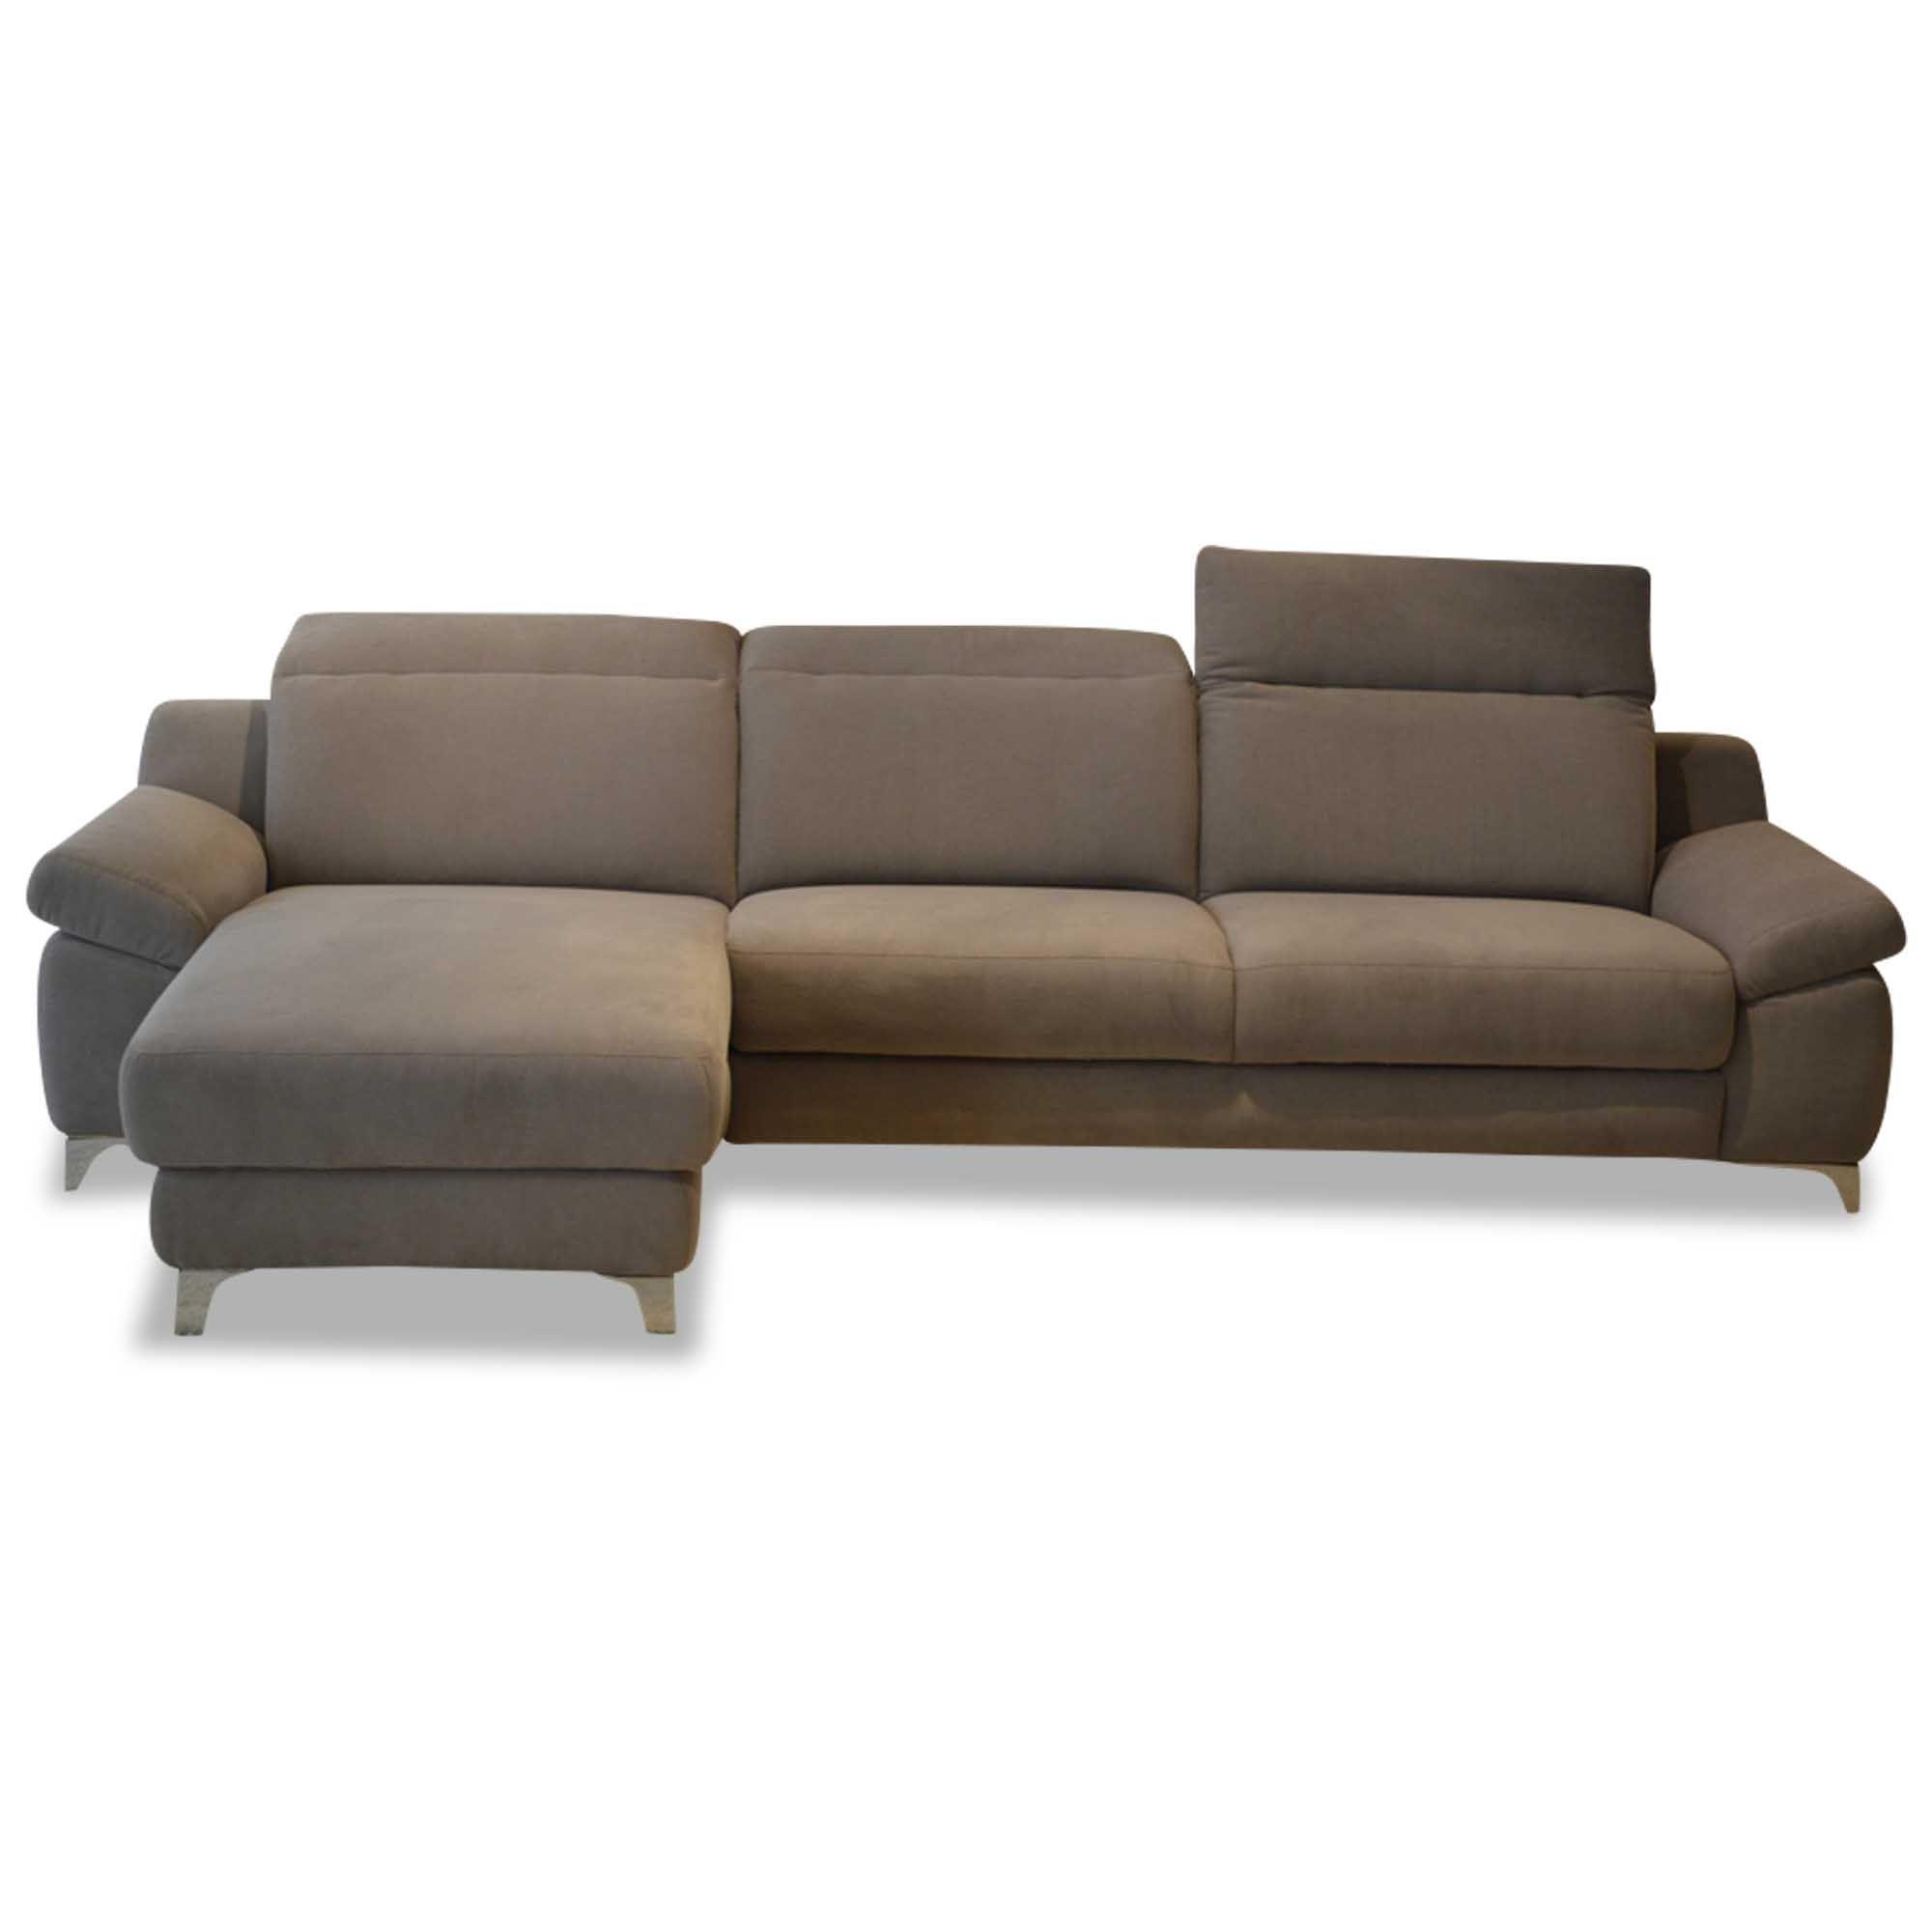 Ecksofa MR 9110 – Musterring – Sofas – günstig kaufen | MöbelFirst